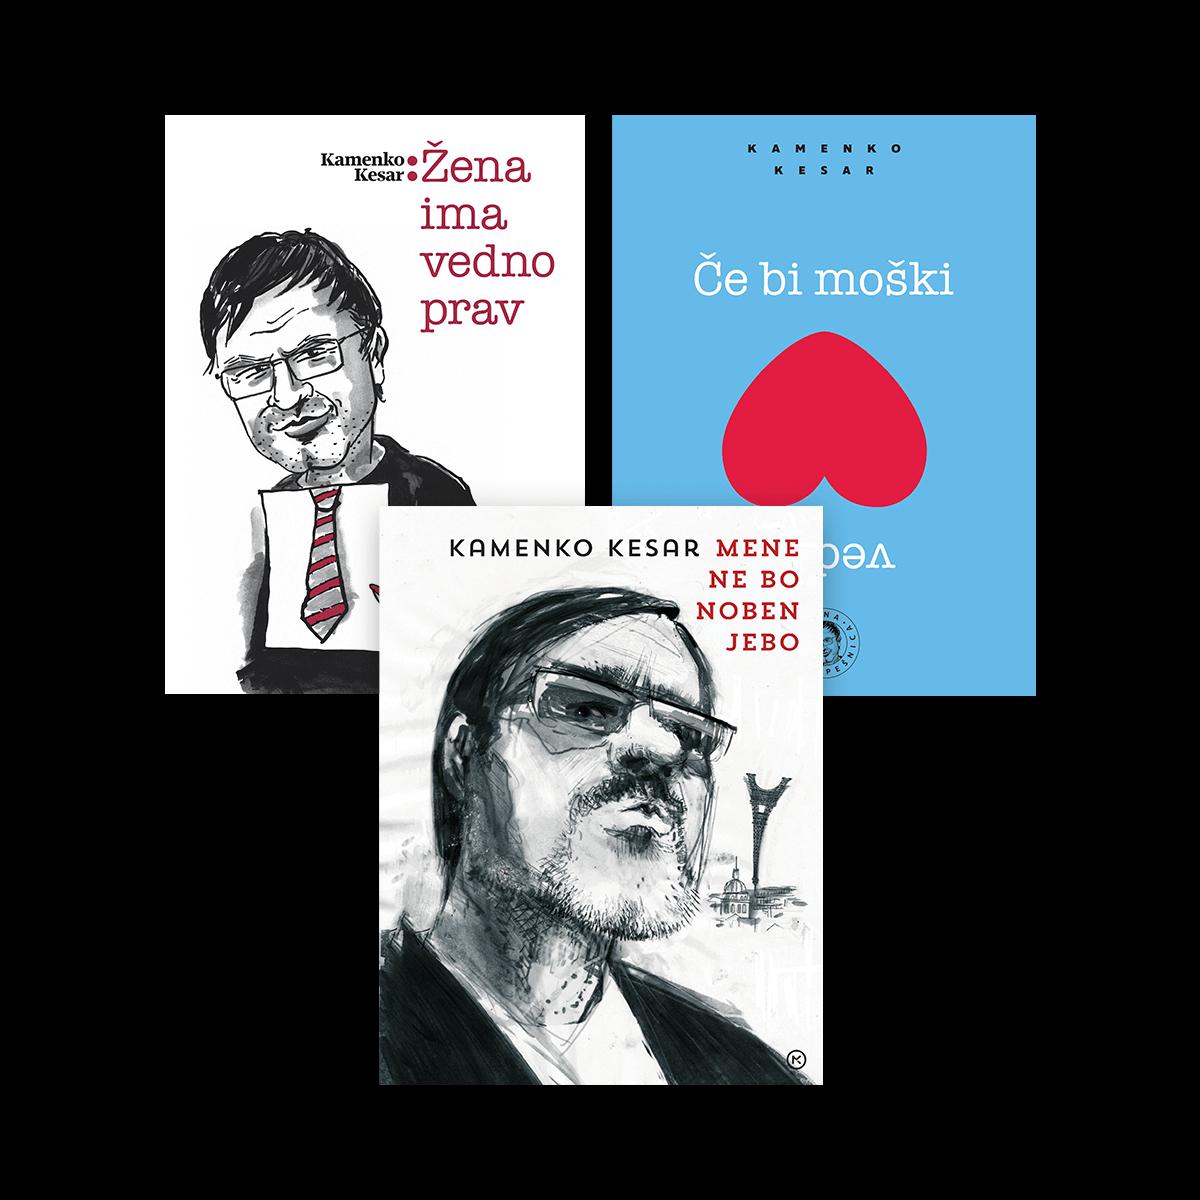 Kamenko Kesdar - Paket knjig